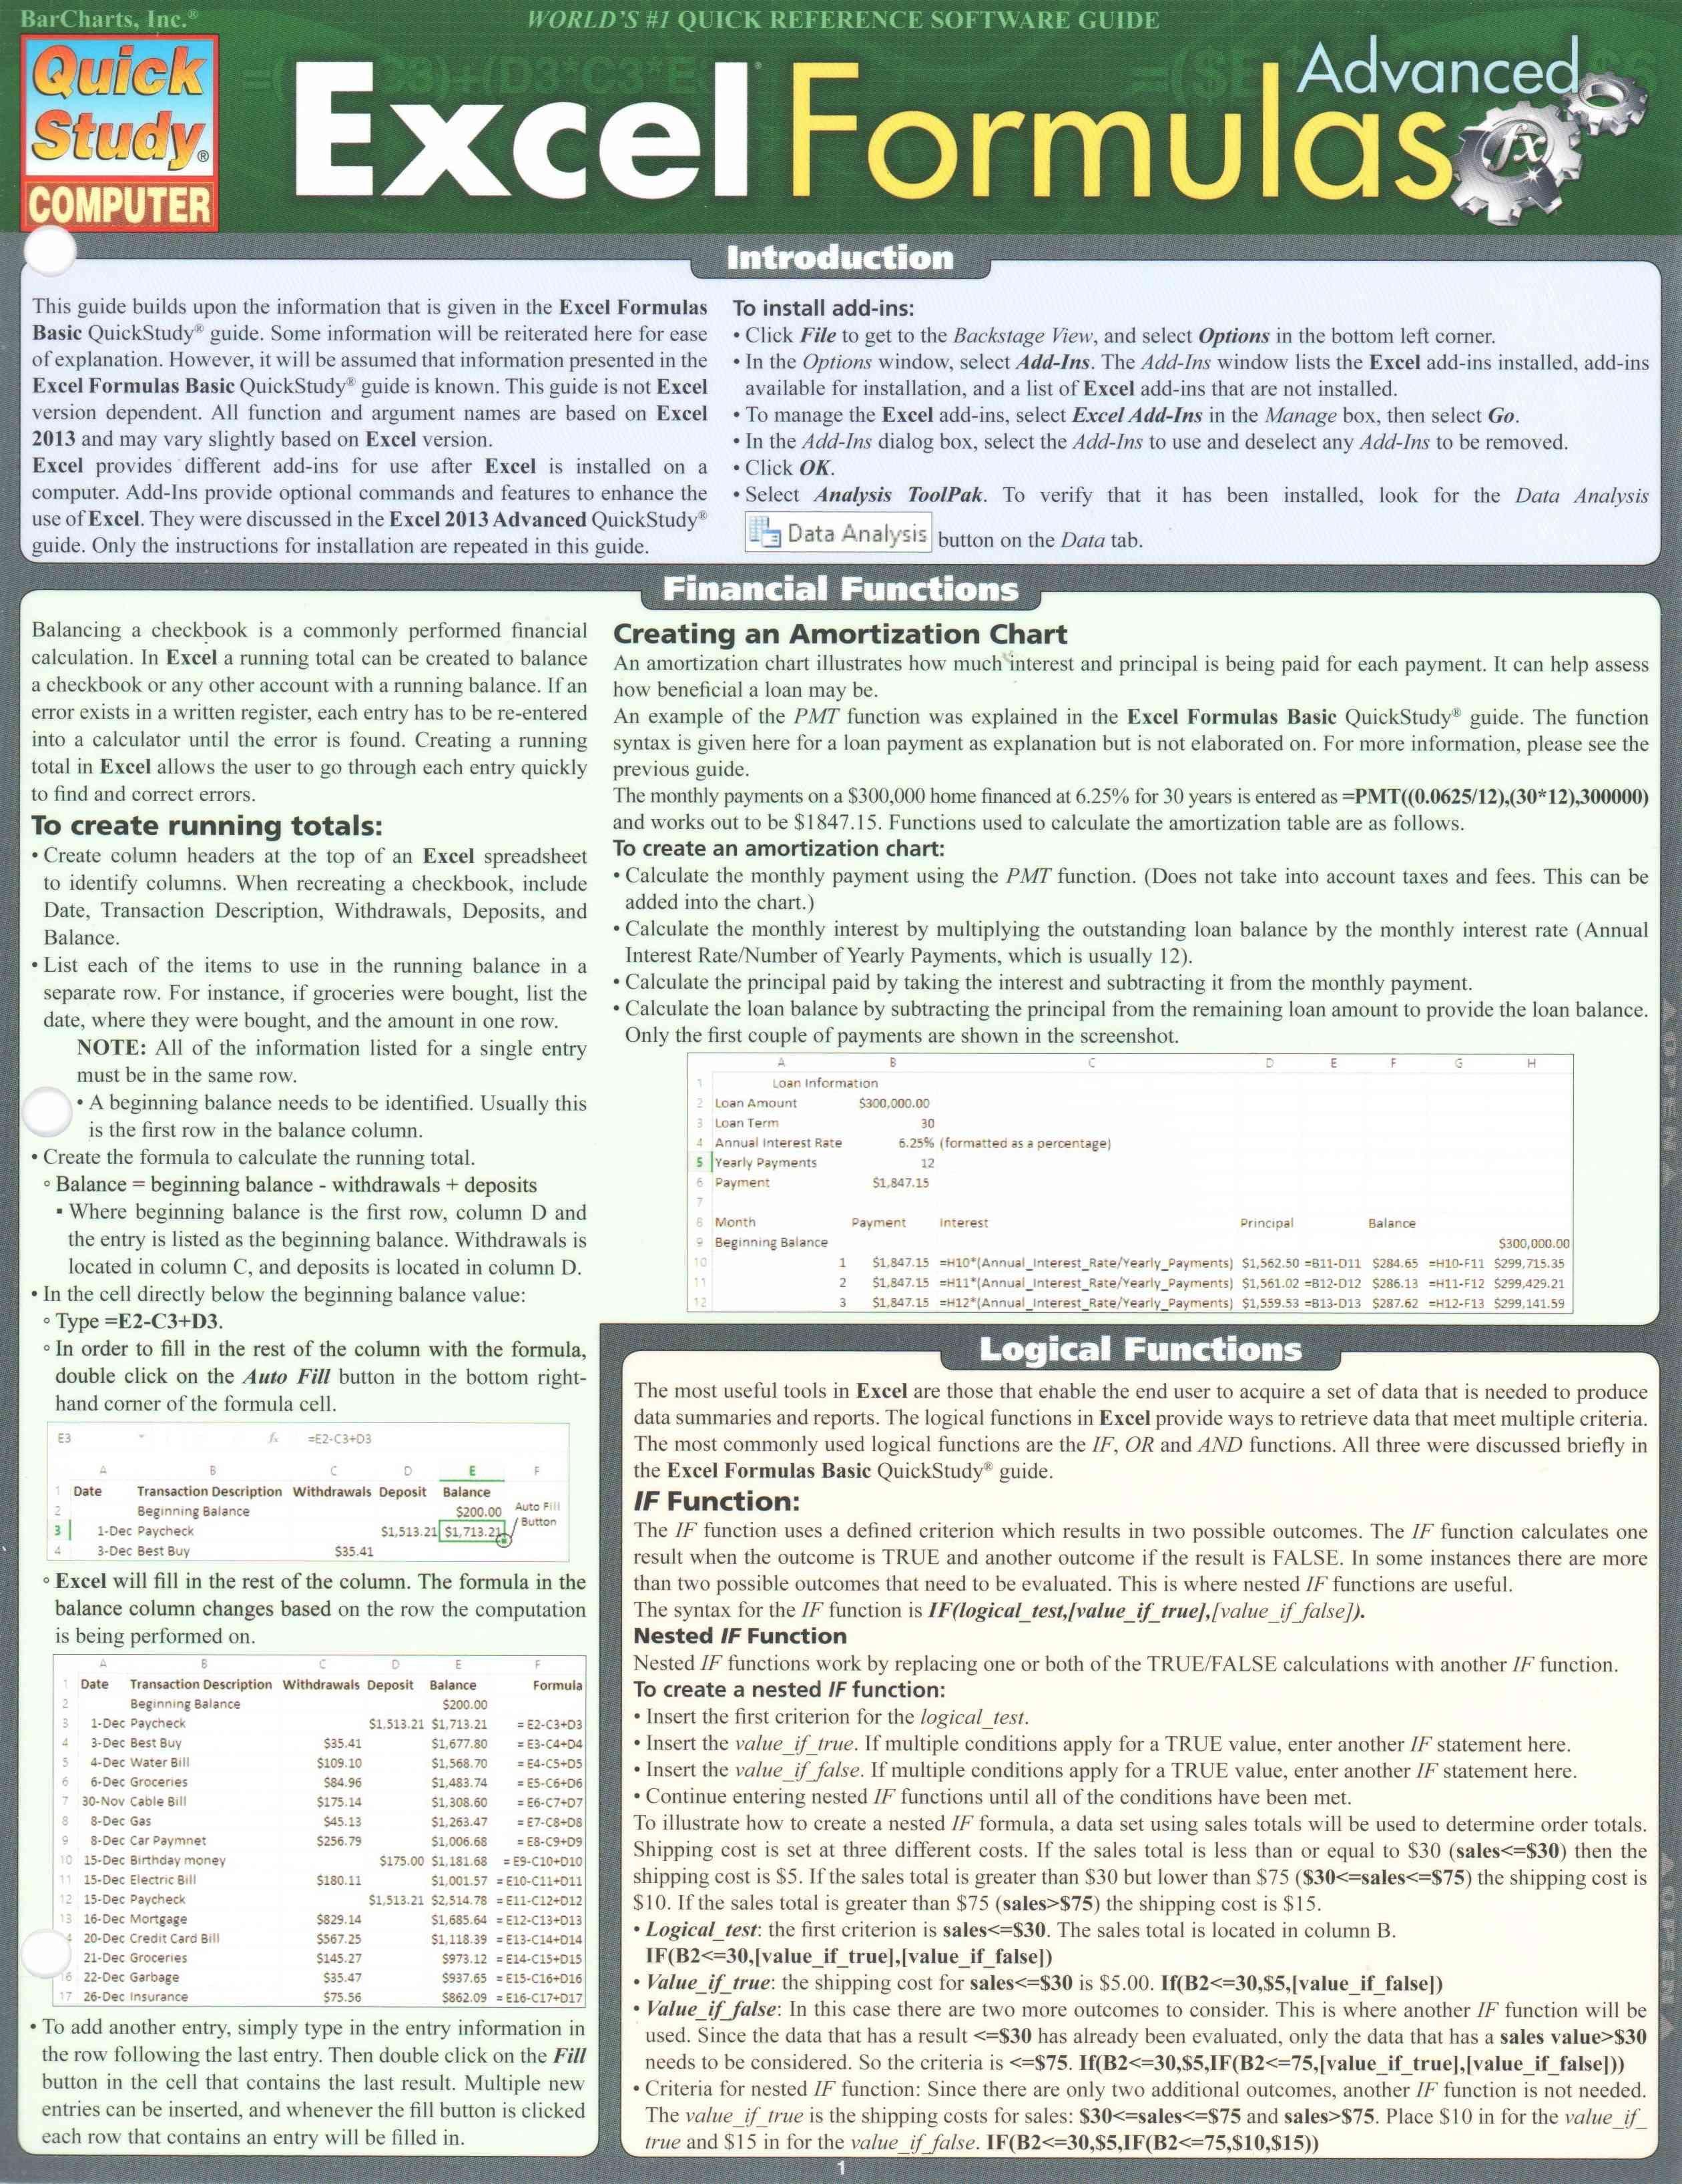 Excel Formulas Advanced